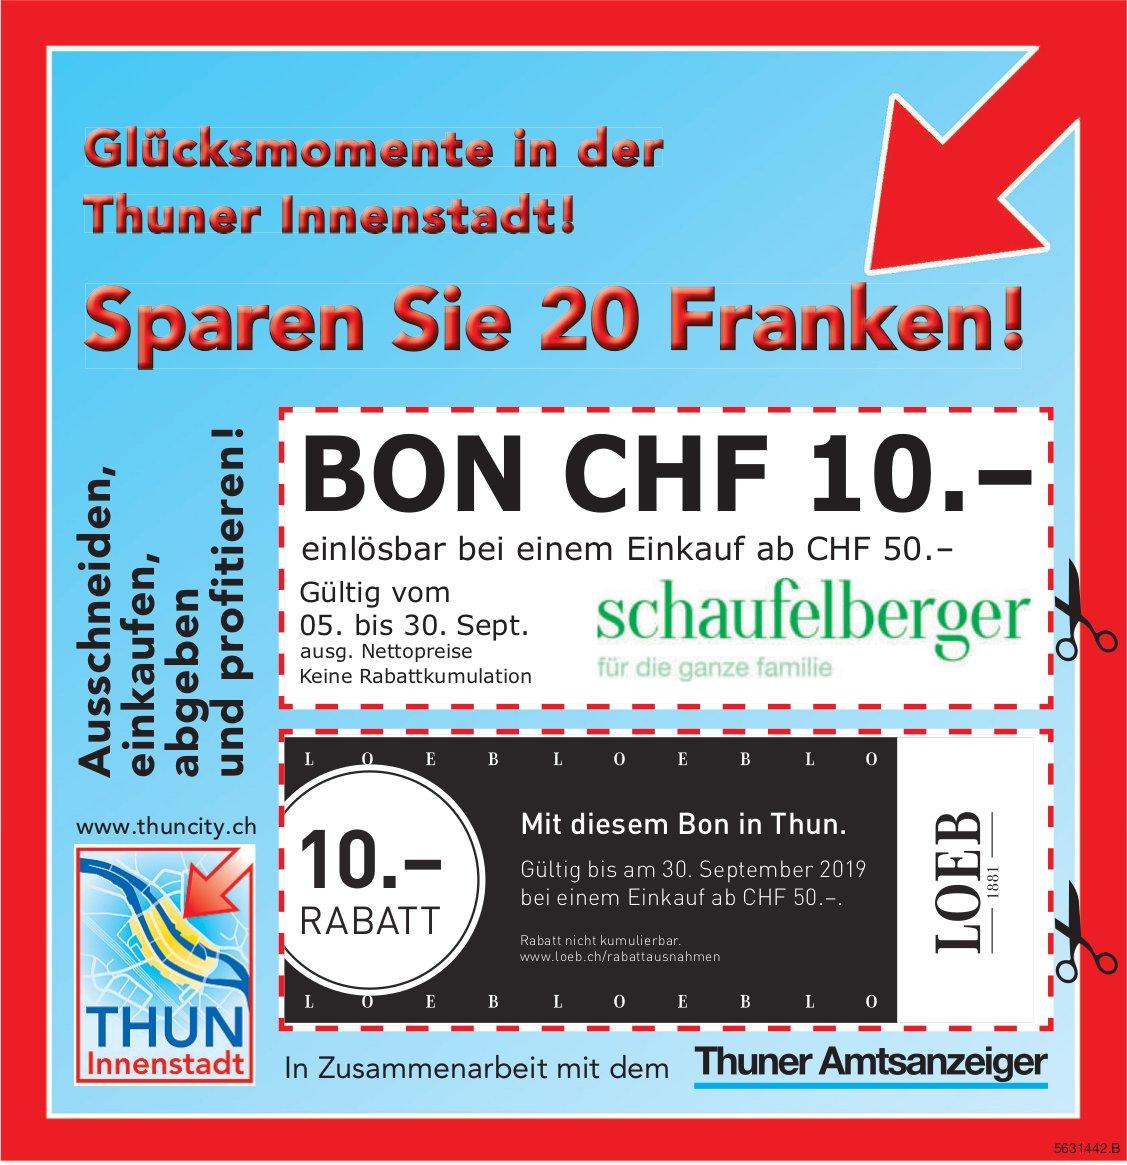 Glücksmomente in der Thuner Innenstadt! BON CHF 10.-